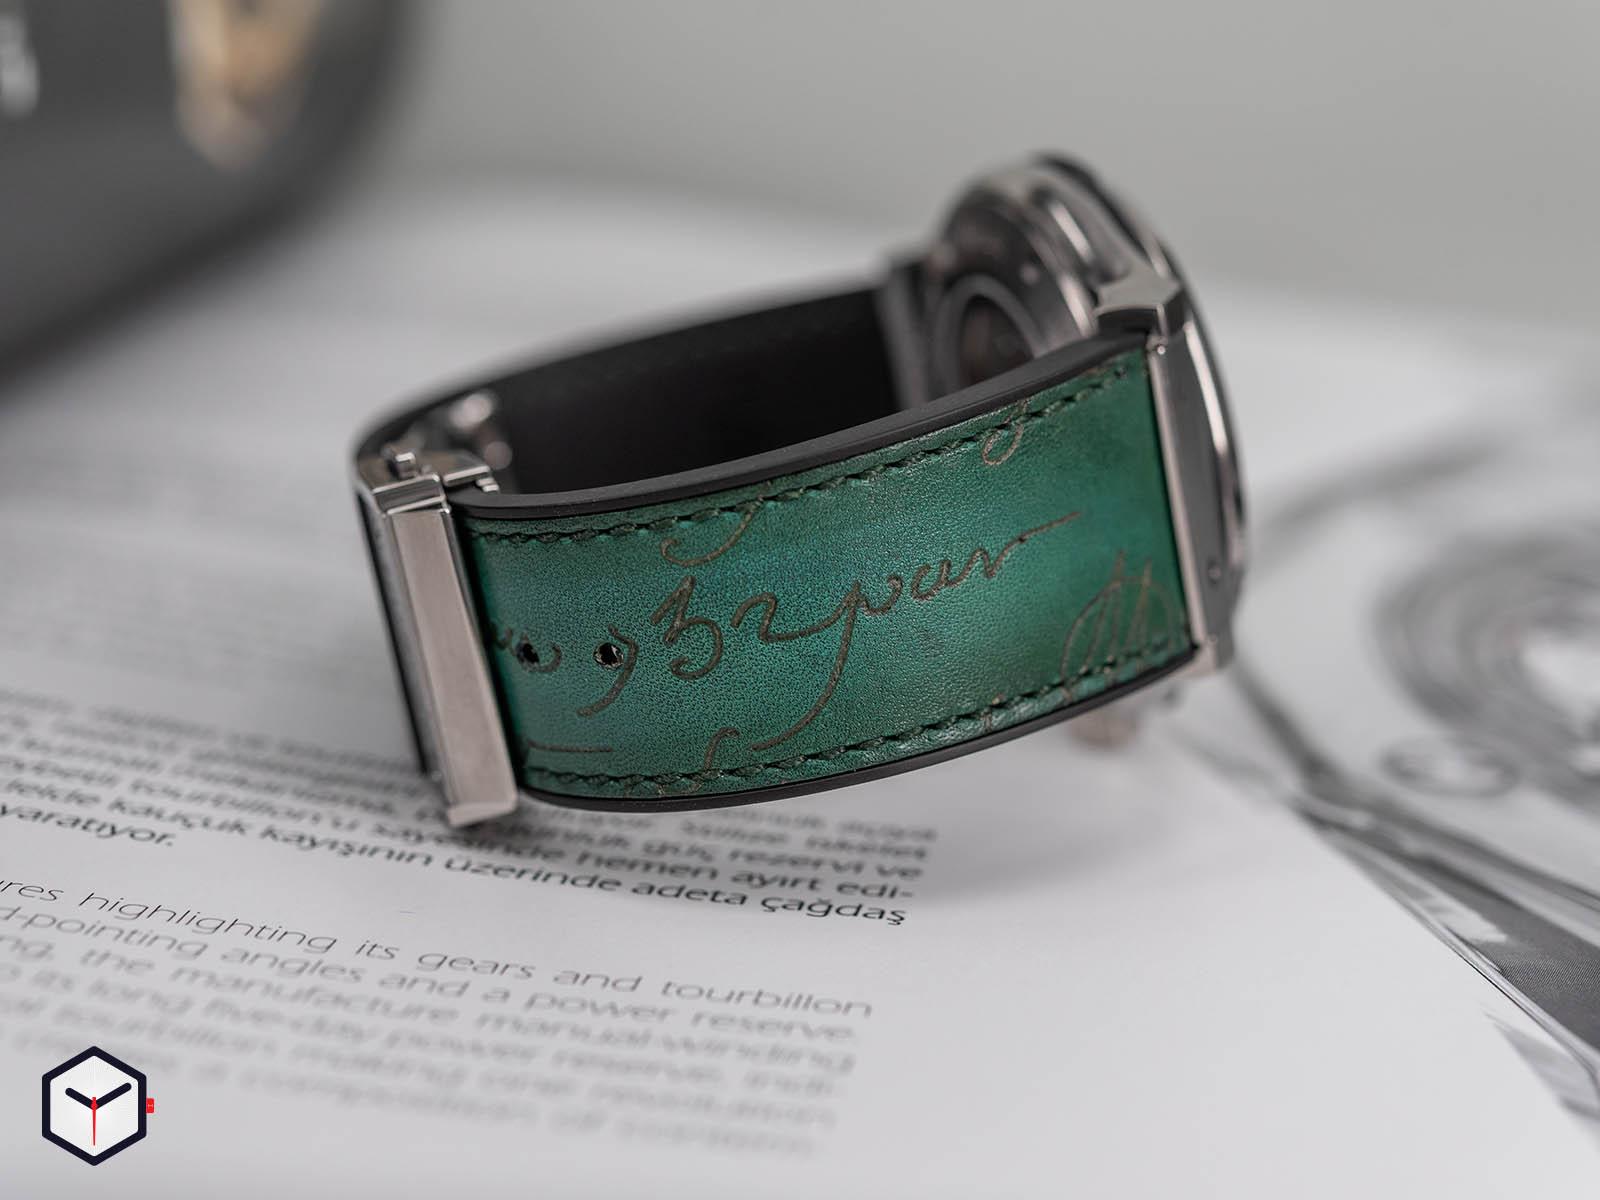 hublot-classic-fusion-berluti-scritto-emerald-green-5.jpg